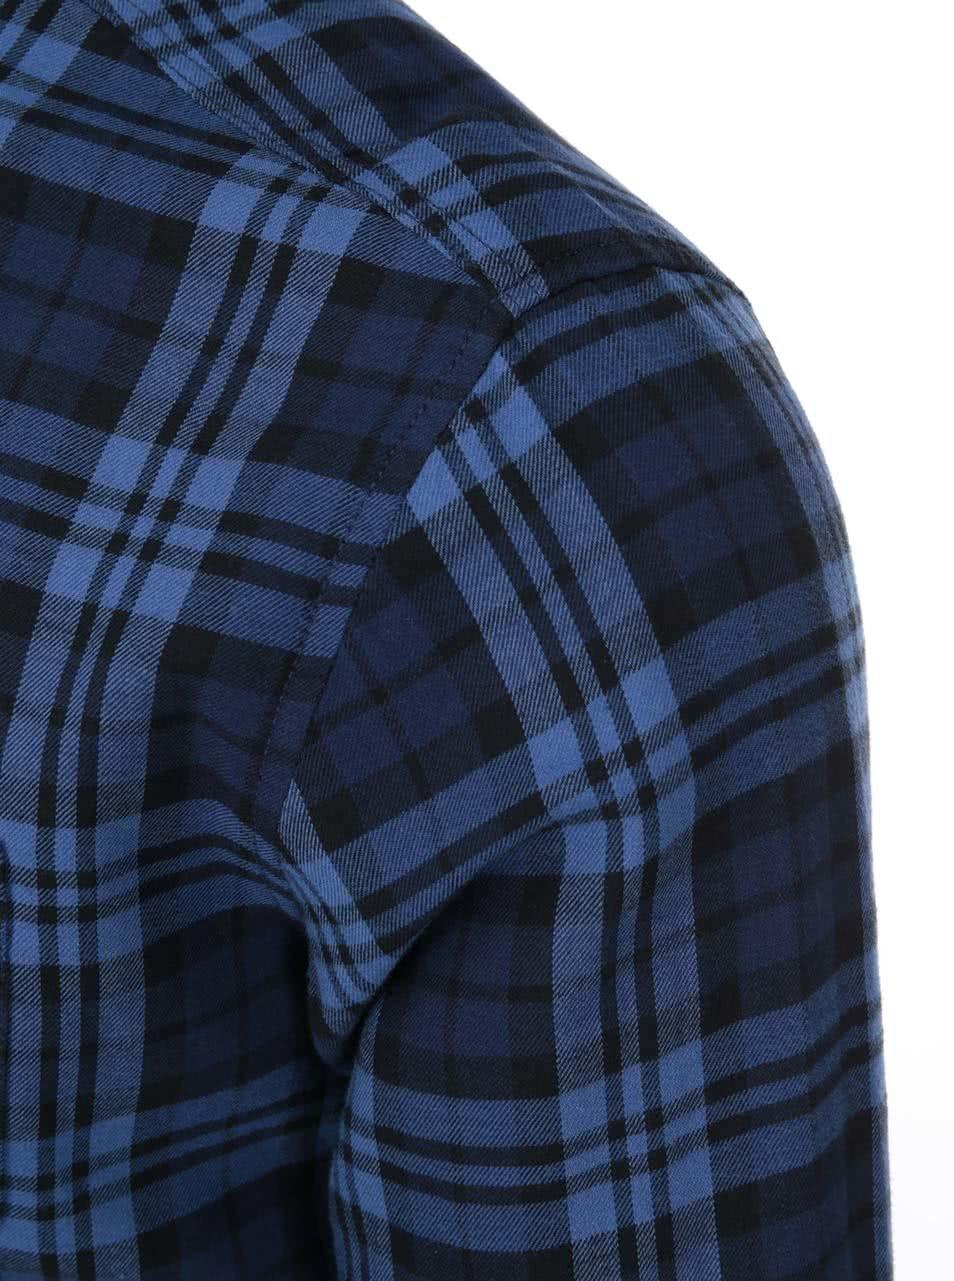 092ec894fe9d Modro-čierna kockovaná košeľa Jack   Jones Rikki ...